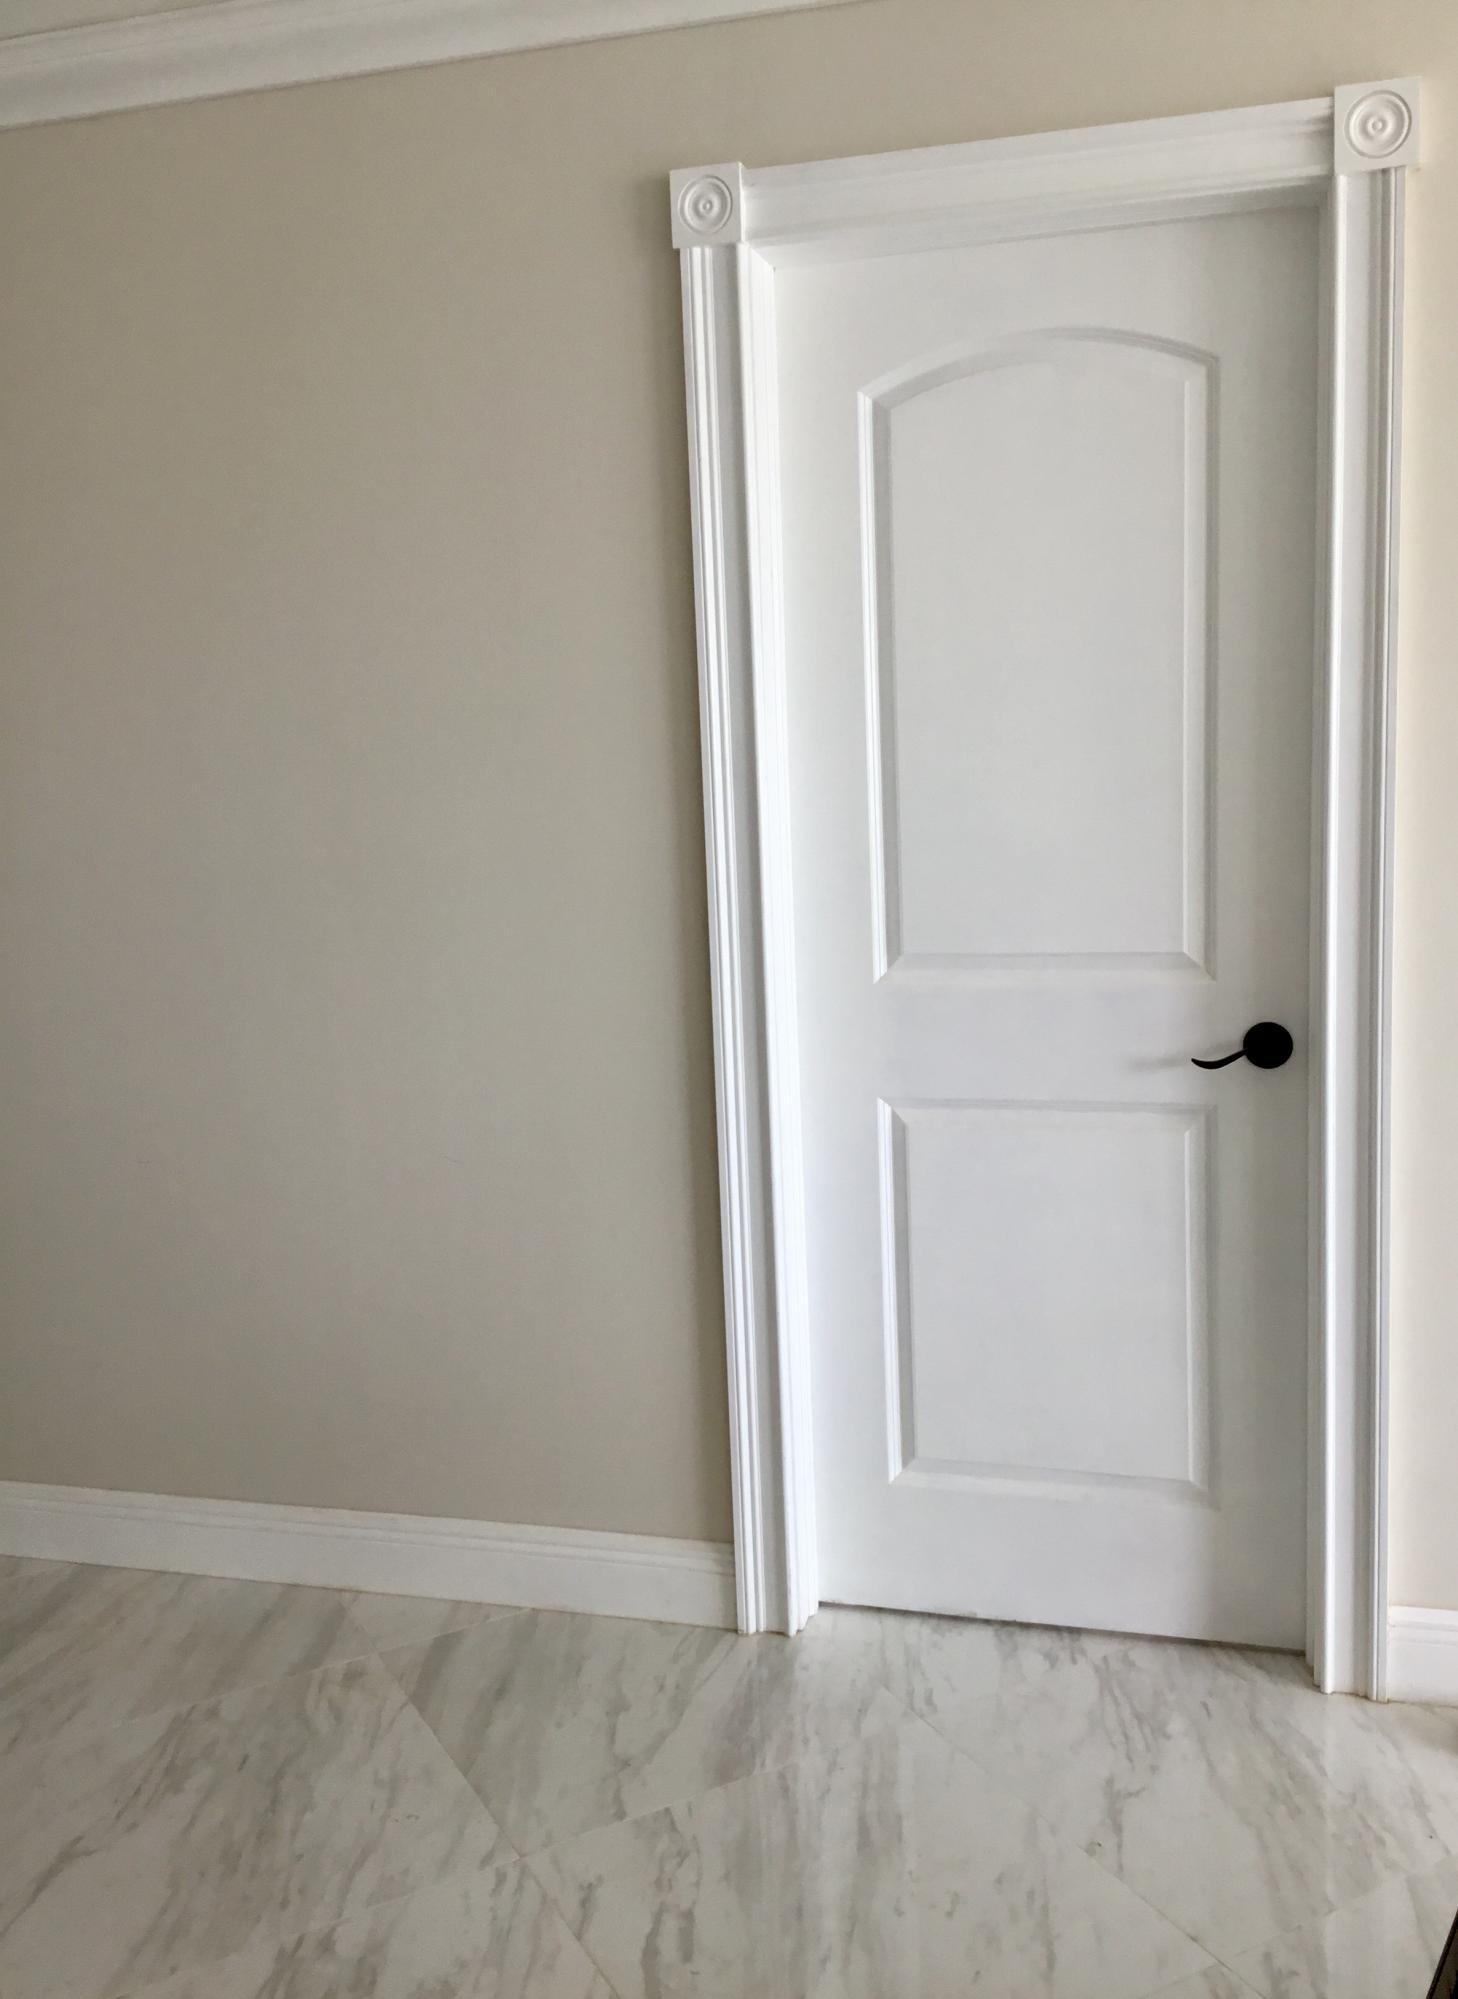 3589 Ocean Boulevard, South Palm Beach, Florida 33480, 2 Bedrooms Bedrooms, ,2 BathroomsBathrooms,Condo/Coop,For Sale,Ocean,6,RX-10422954